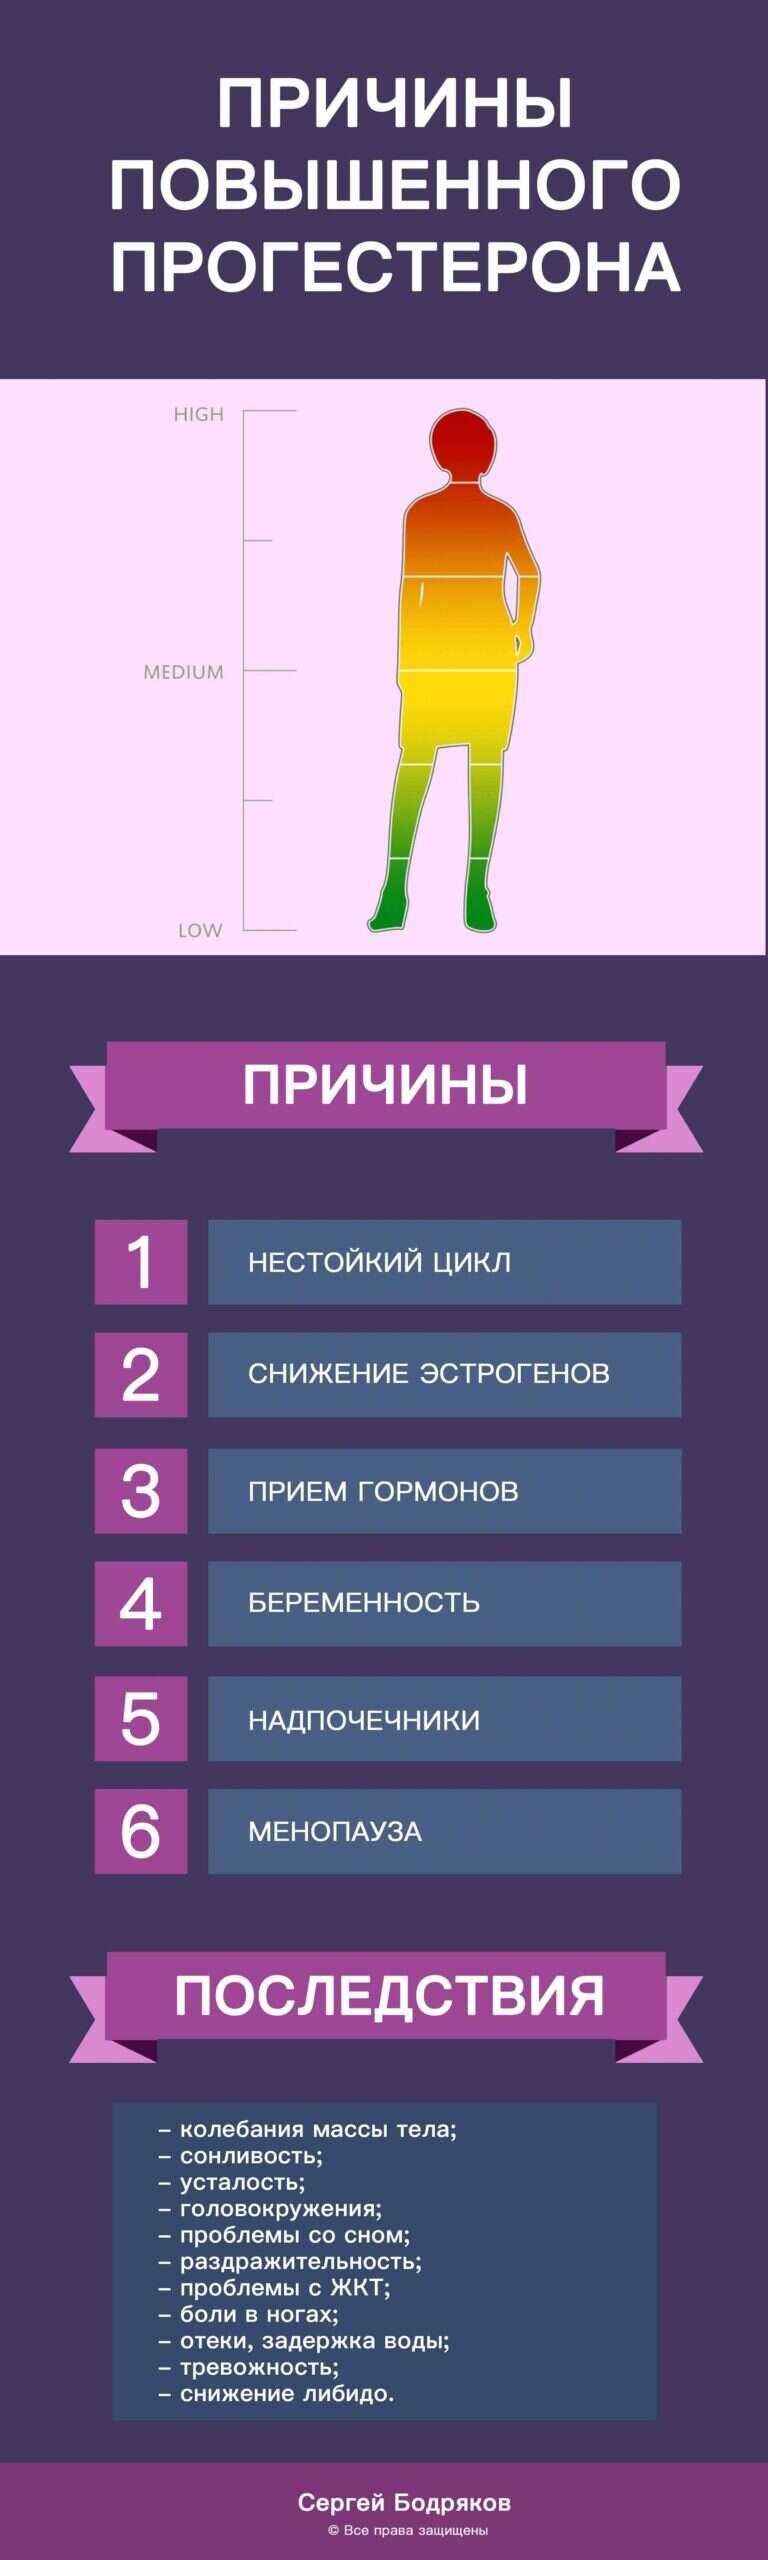 povyshennyj-progesteron-u-zhenshhin-prichiny-i-posledstvija